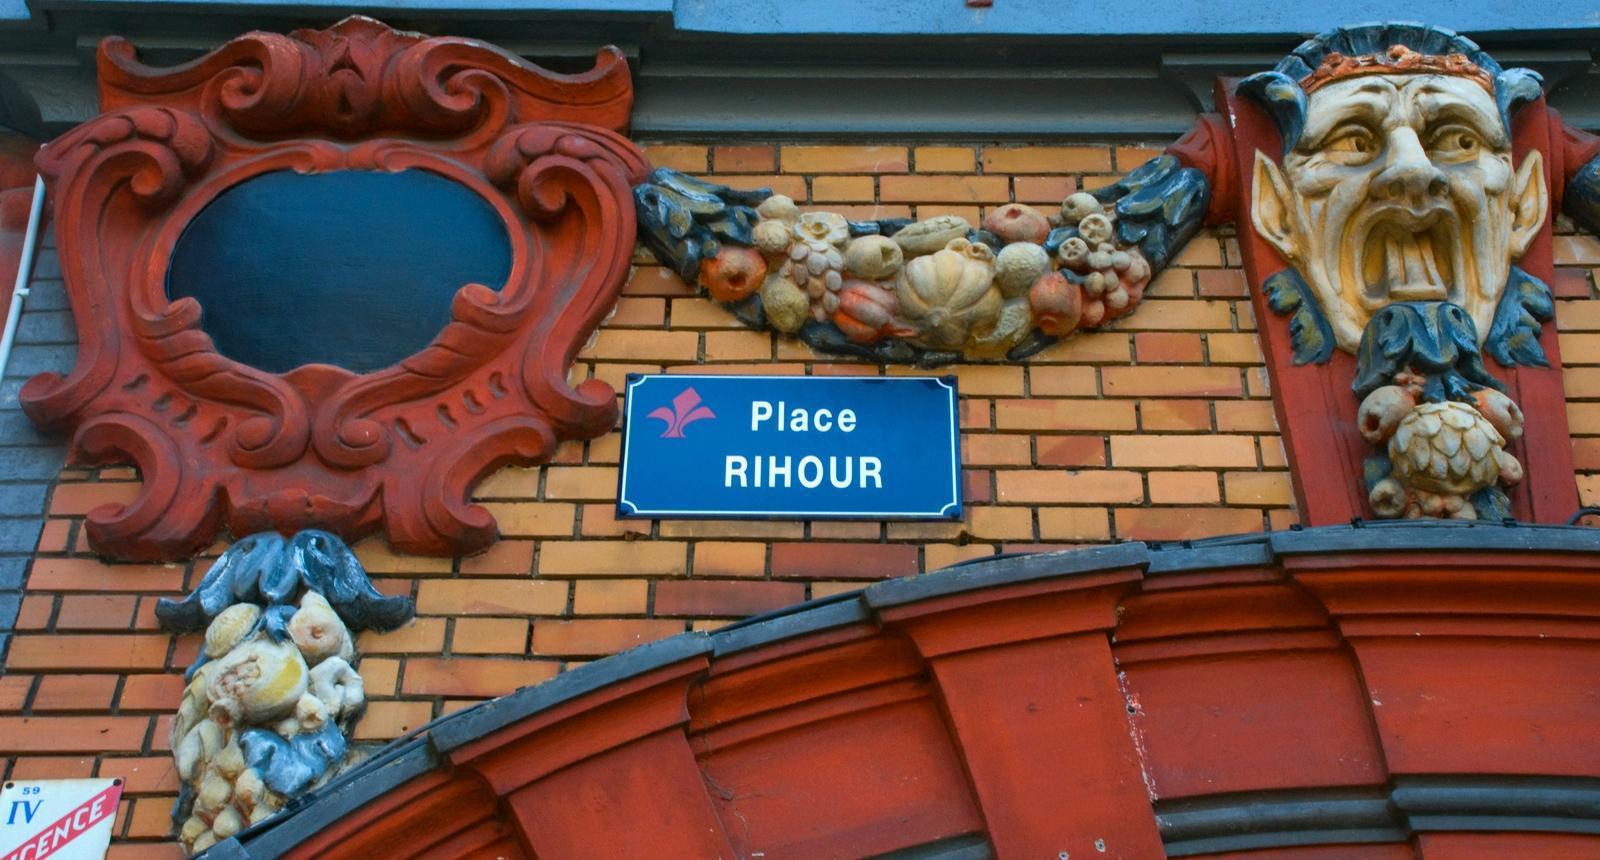 Vieux Lille, Place Rihour